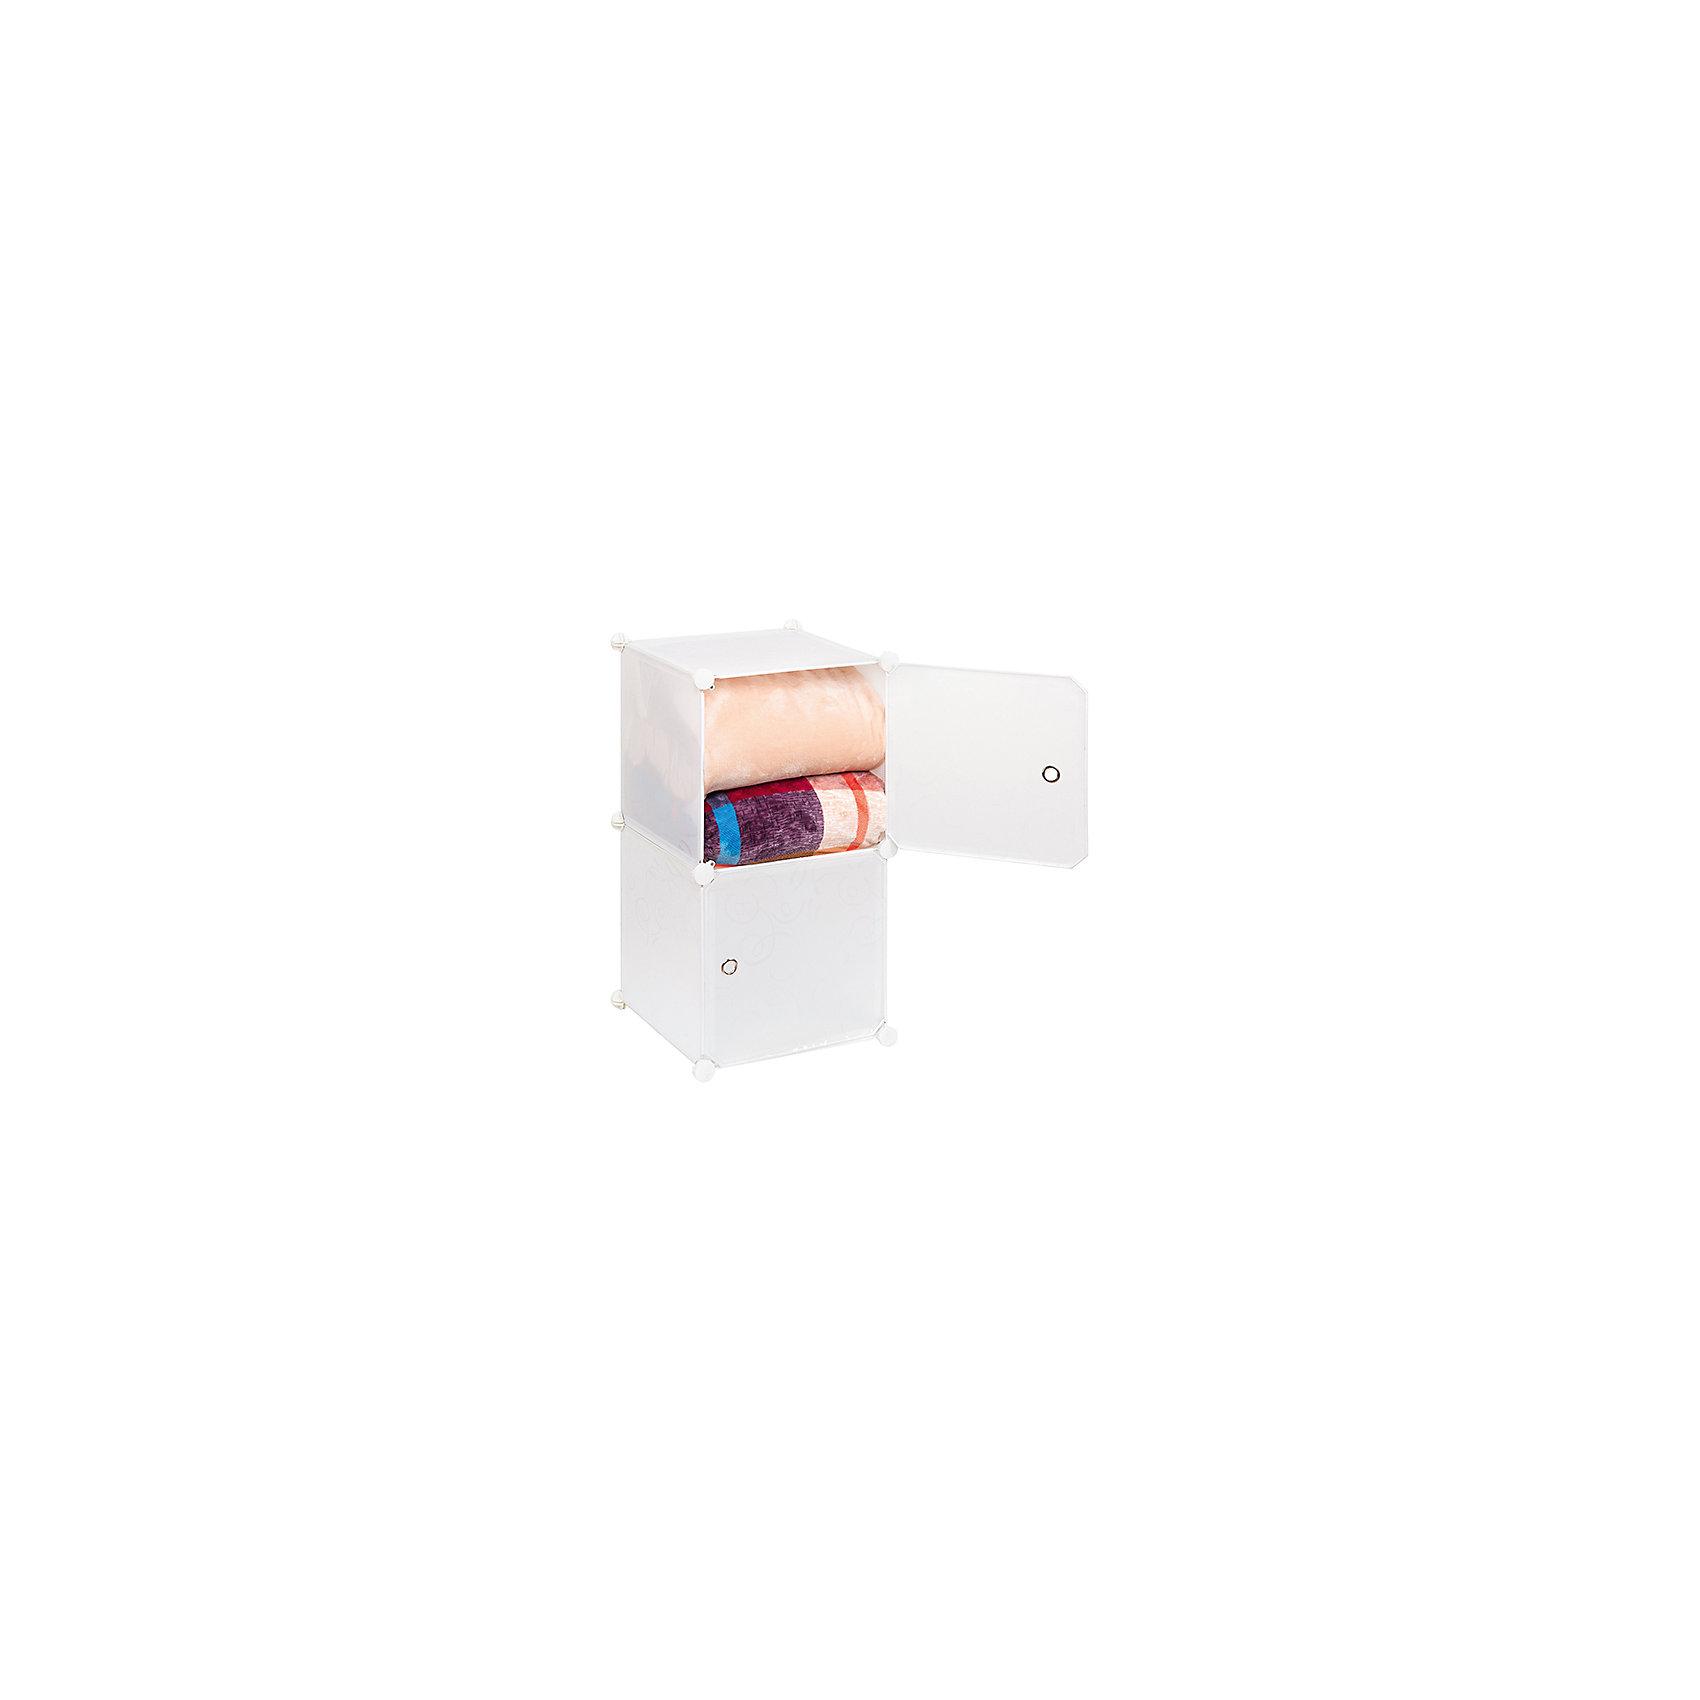 Полка складная для модульного системы хранения 37*39*74 см. Белая с узором, EL CasaПорядок в детской<br>Характеристики товара:<br><br>• цвет: белый<br>• материал: металл, полипропилен<br>• размер: 37 х 39 х 74 см<br>• вес:20200 г<br>• с жестким каркасом<br>• дверца на магните<br>• легко складывается и раскладывается<br>• удобная<br>• защита от пыли<br>• естественная вентиляция<br>• ручка в виде отверстия<br>• универсальный размер<br>• страна бренда: Российская Федерация<br>• страна производства: Китай<br><br>Эта полка - отличный пример красивой и функциональной вещи для любого интерьера. В ней удобной хранить различные мелочи, благодаря универсальному дизайну и расцветке она хорошо будет смотреться в помещении.<br><br>Складная полка для модульного системы хранения может стать отличным приобретением для дома или подарком для любителей красивых оригинальных вещей, особенно - комплект из полок.<br><br>Бренд EL Casa - это красивые и практичные товары для дома с современным дизайном. Они добавляют в жильё уюта и комфорта! <br><br>Полку складную для модульного системы хранения 37*39*74 см. Белая с узором, EL Casa, можно купить в нашем интернет-магазине.<br><br>Ширина мм: 420<br>Глубина мм: 370<br>Высота мм: 52<br>Вес г: 2000<br>Возраст от месяцев: 0<br>Возраст до месяцев: 1188<br>Пол: Унисекс<br>Возраст: Детский<br>SKU: 6668792